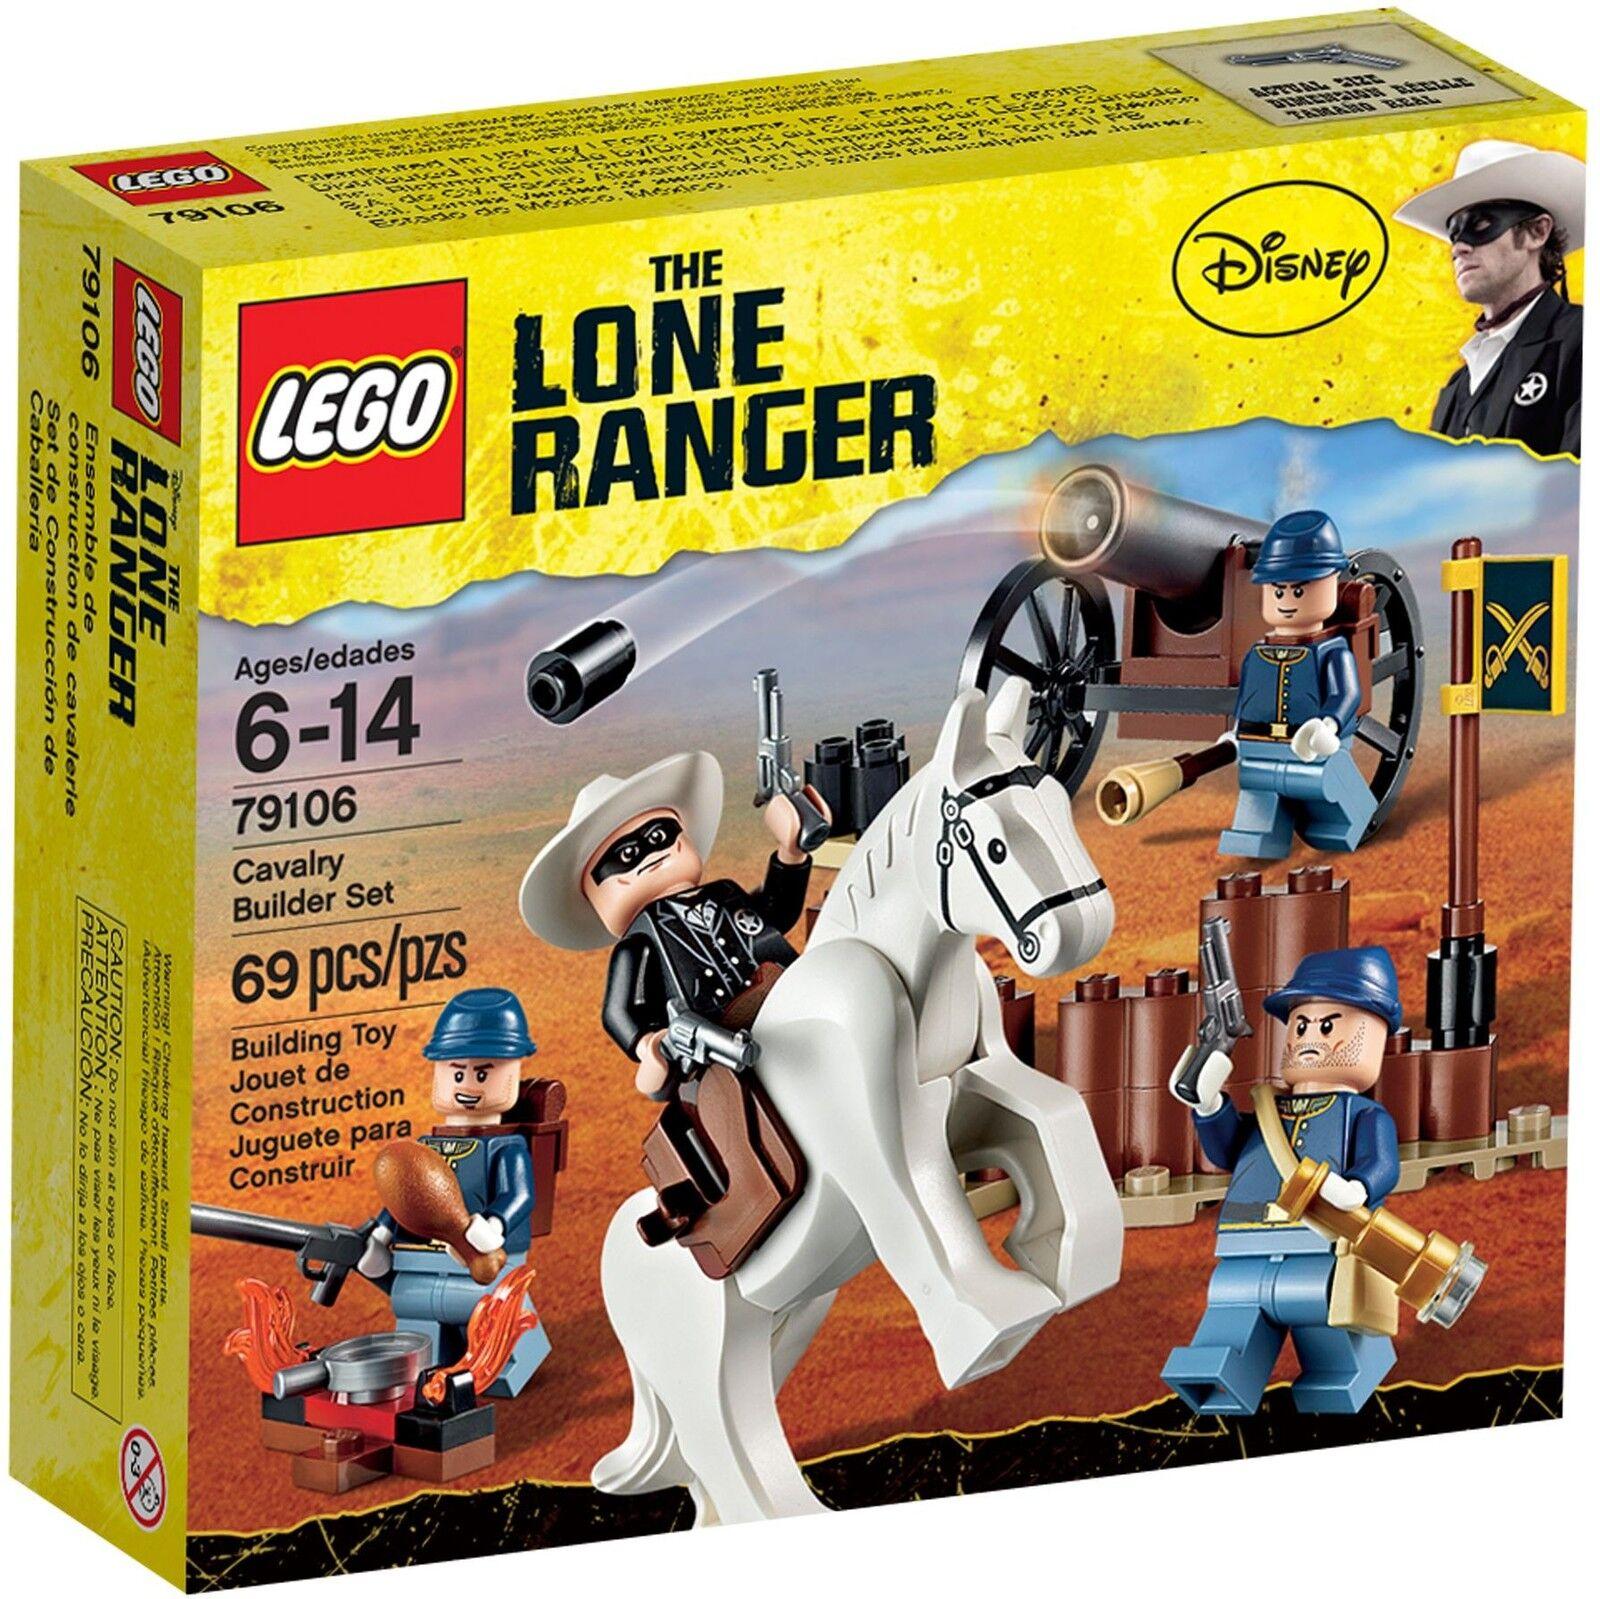 LEGO ® The Lone Ranger 79106 Cavalerie Set Nouveau neuf dans sa boîte _ Cavalry Builder Set New En parfait état, dans sa boîte scellée